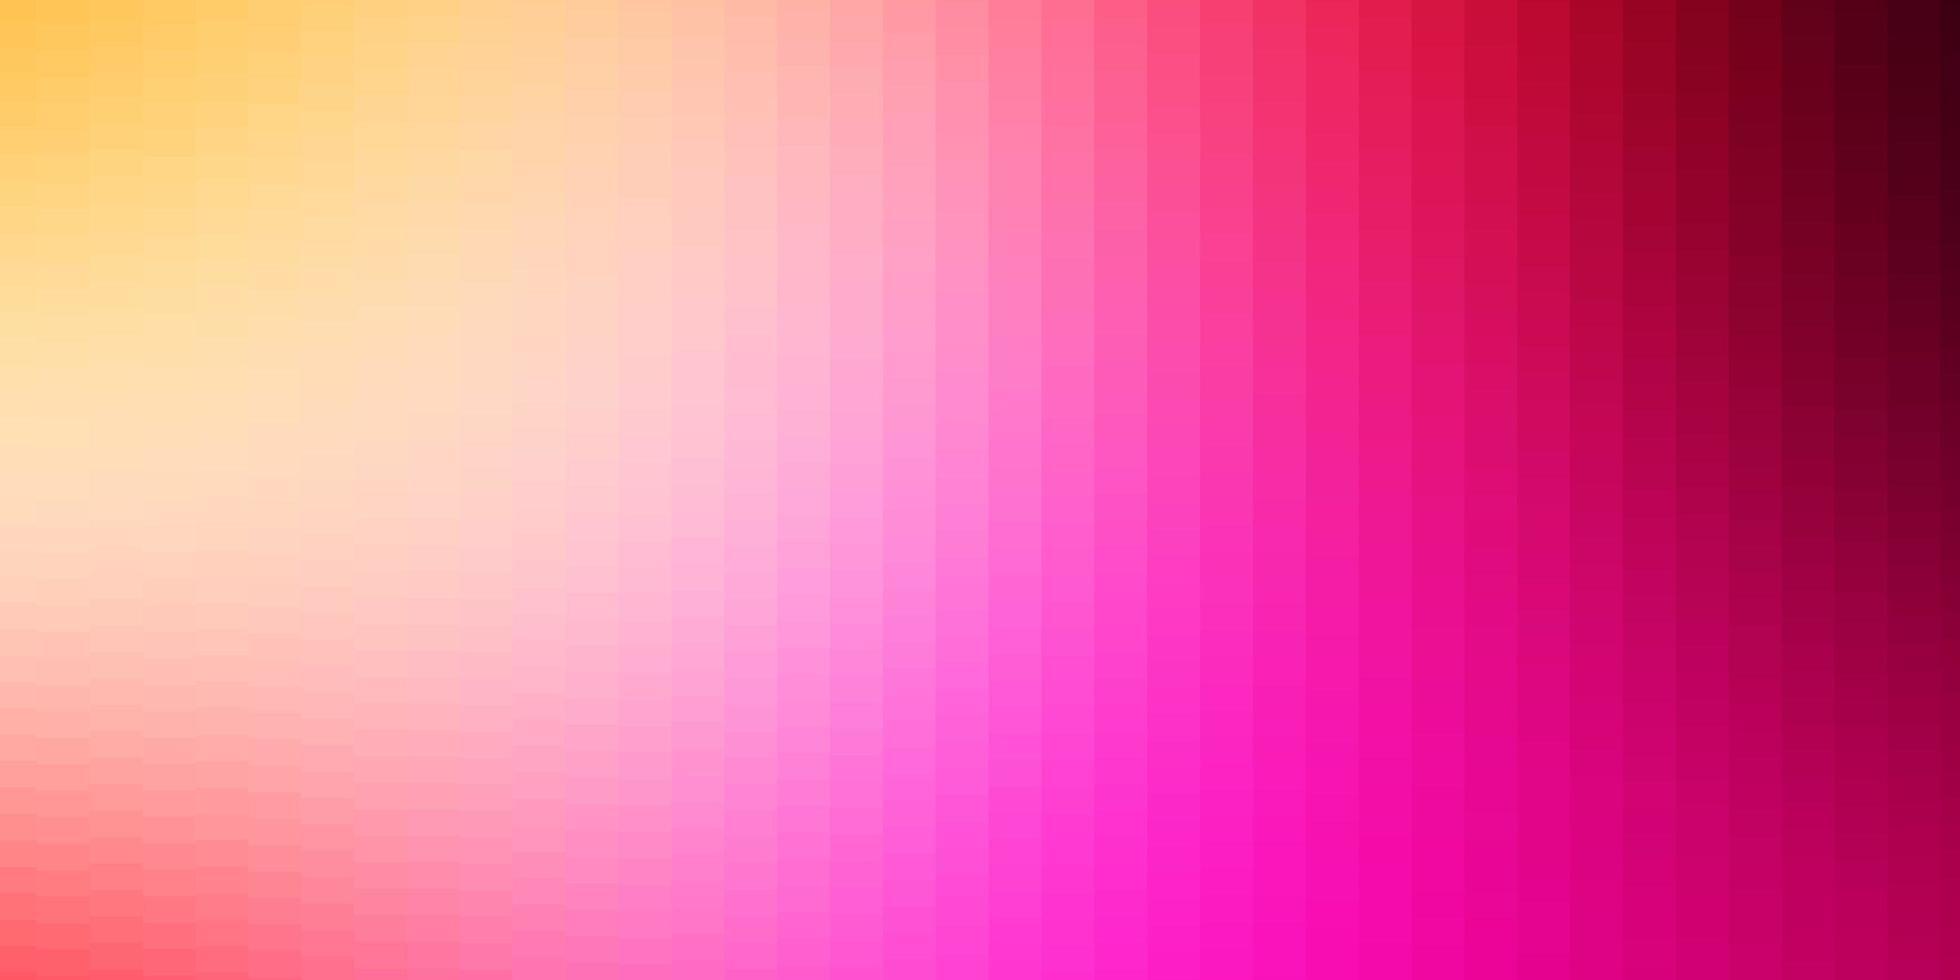 ljusrosa, gula vektormönster i fyrkantig stil. vektor